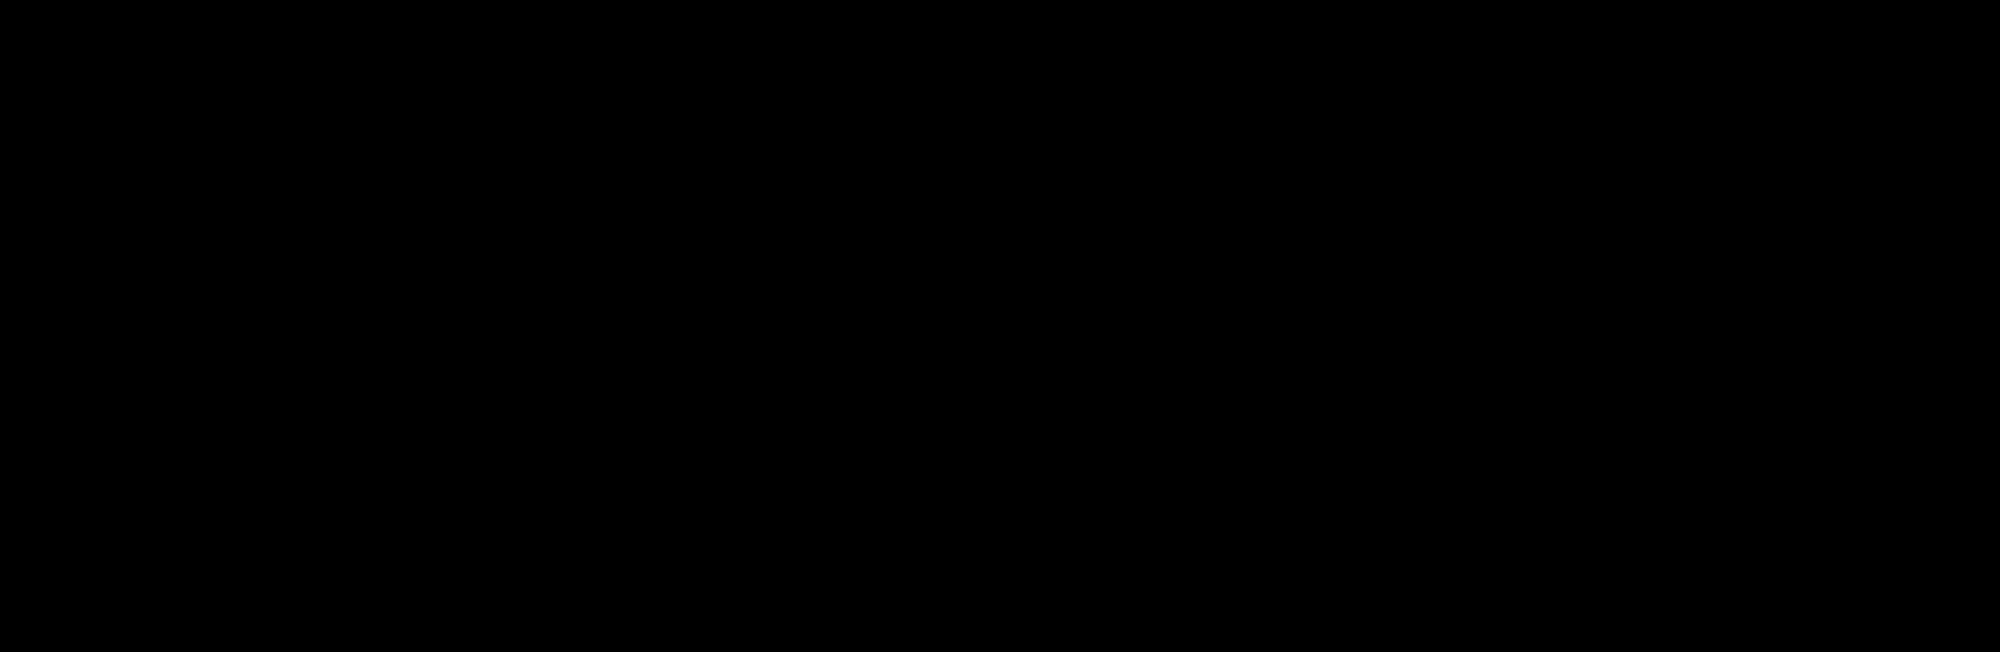 University_of_Guelph_logo